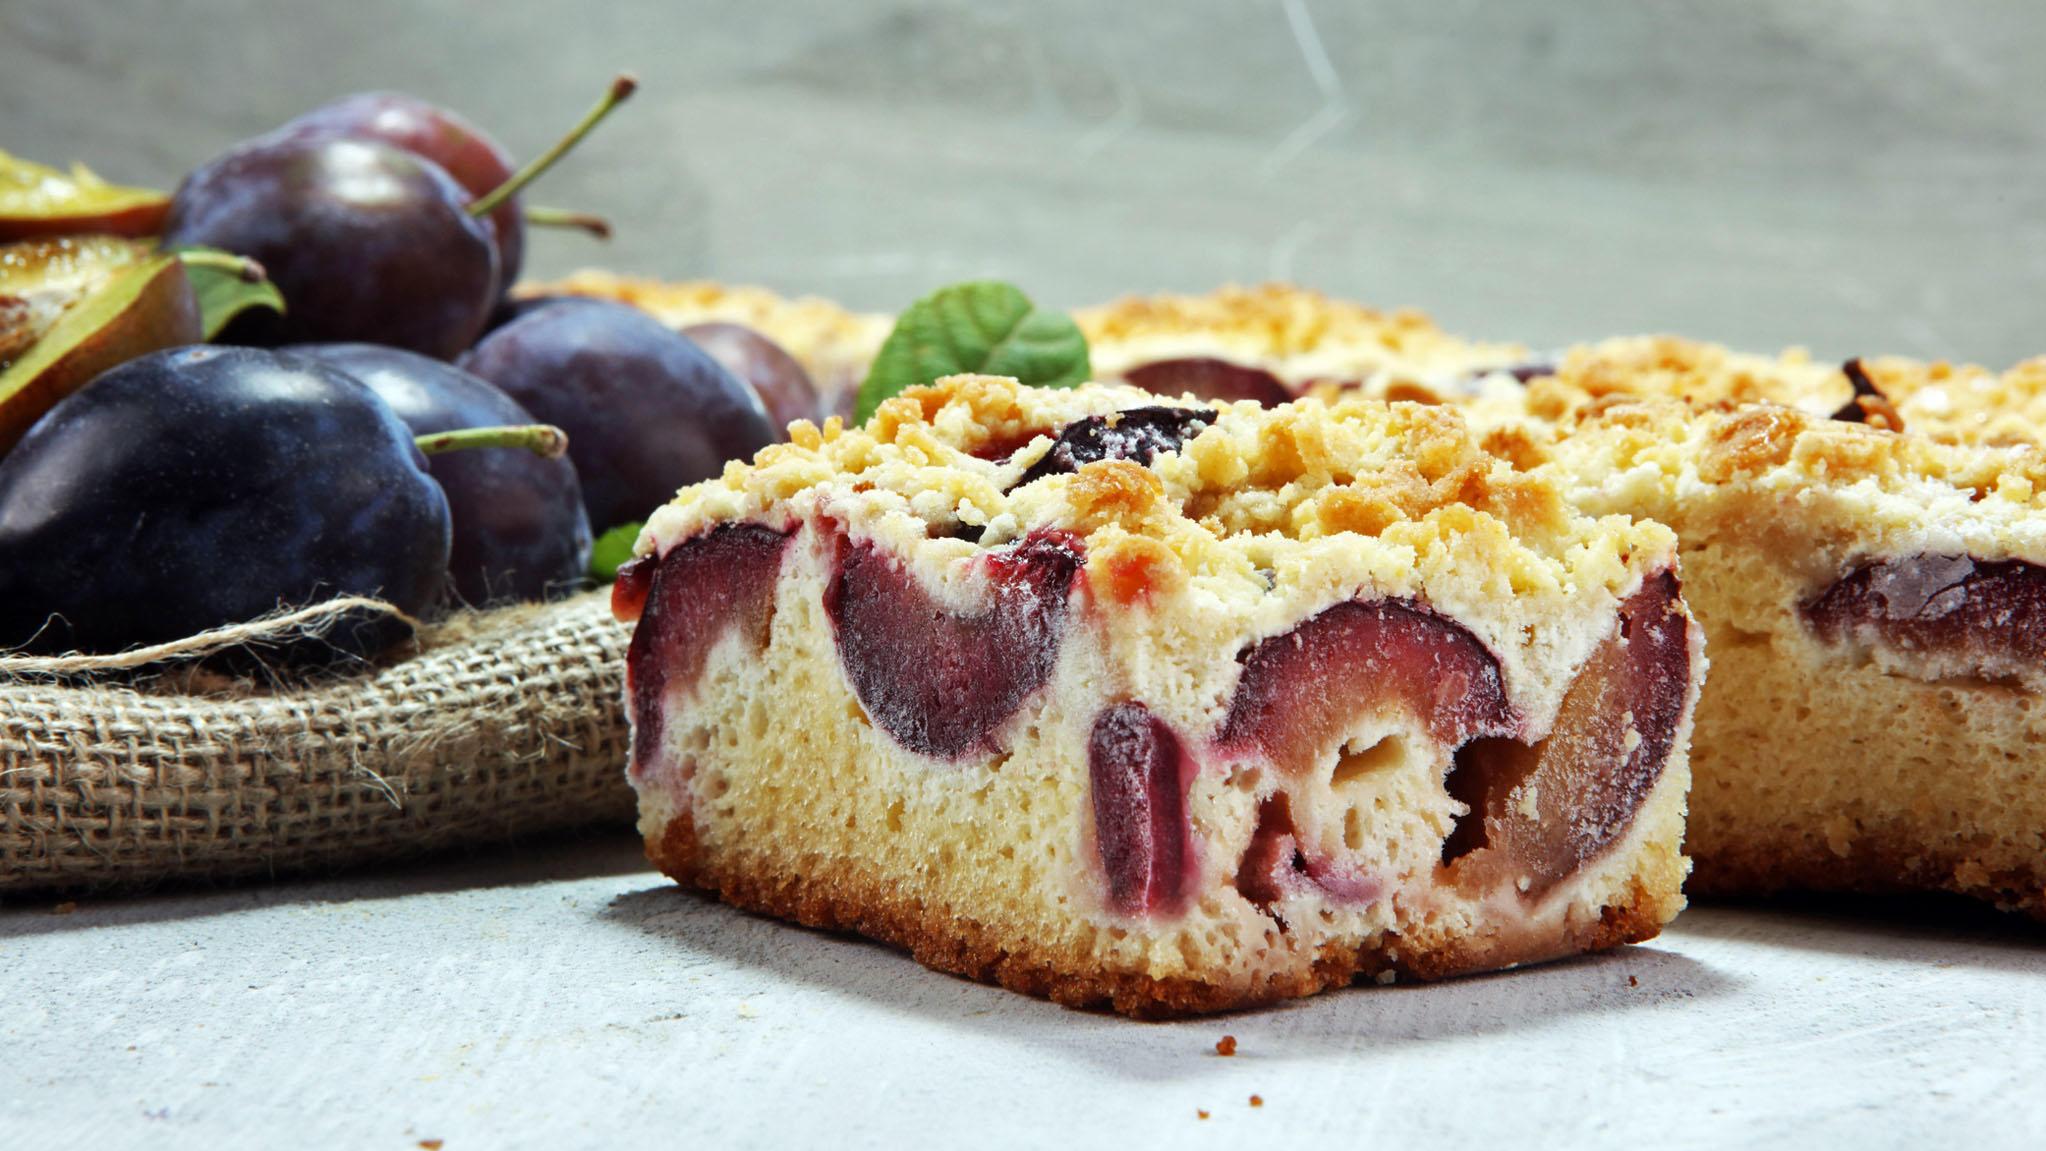 Die wohl beliebteste Variante Pflaumen zu verarbeiten ist der Pflaumen-Streuselkuchen.